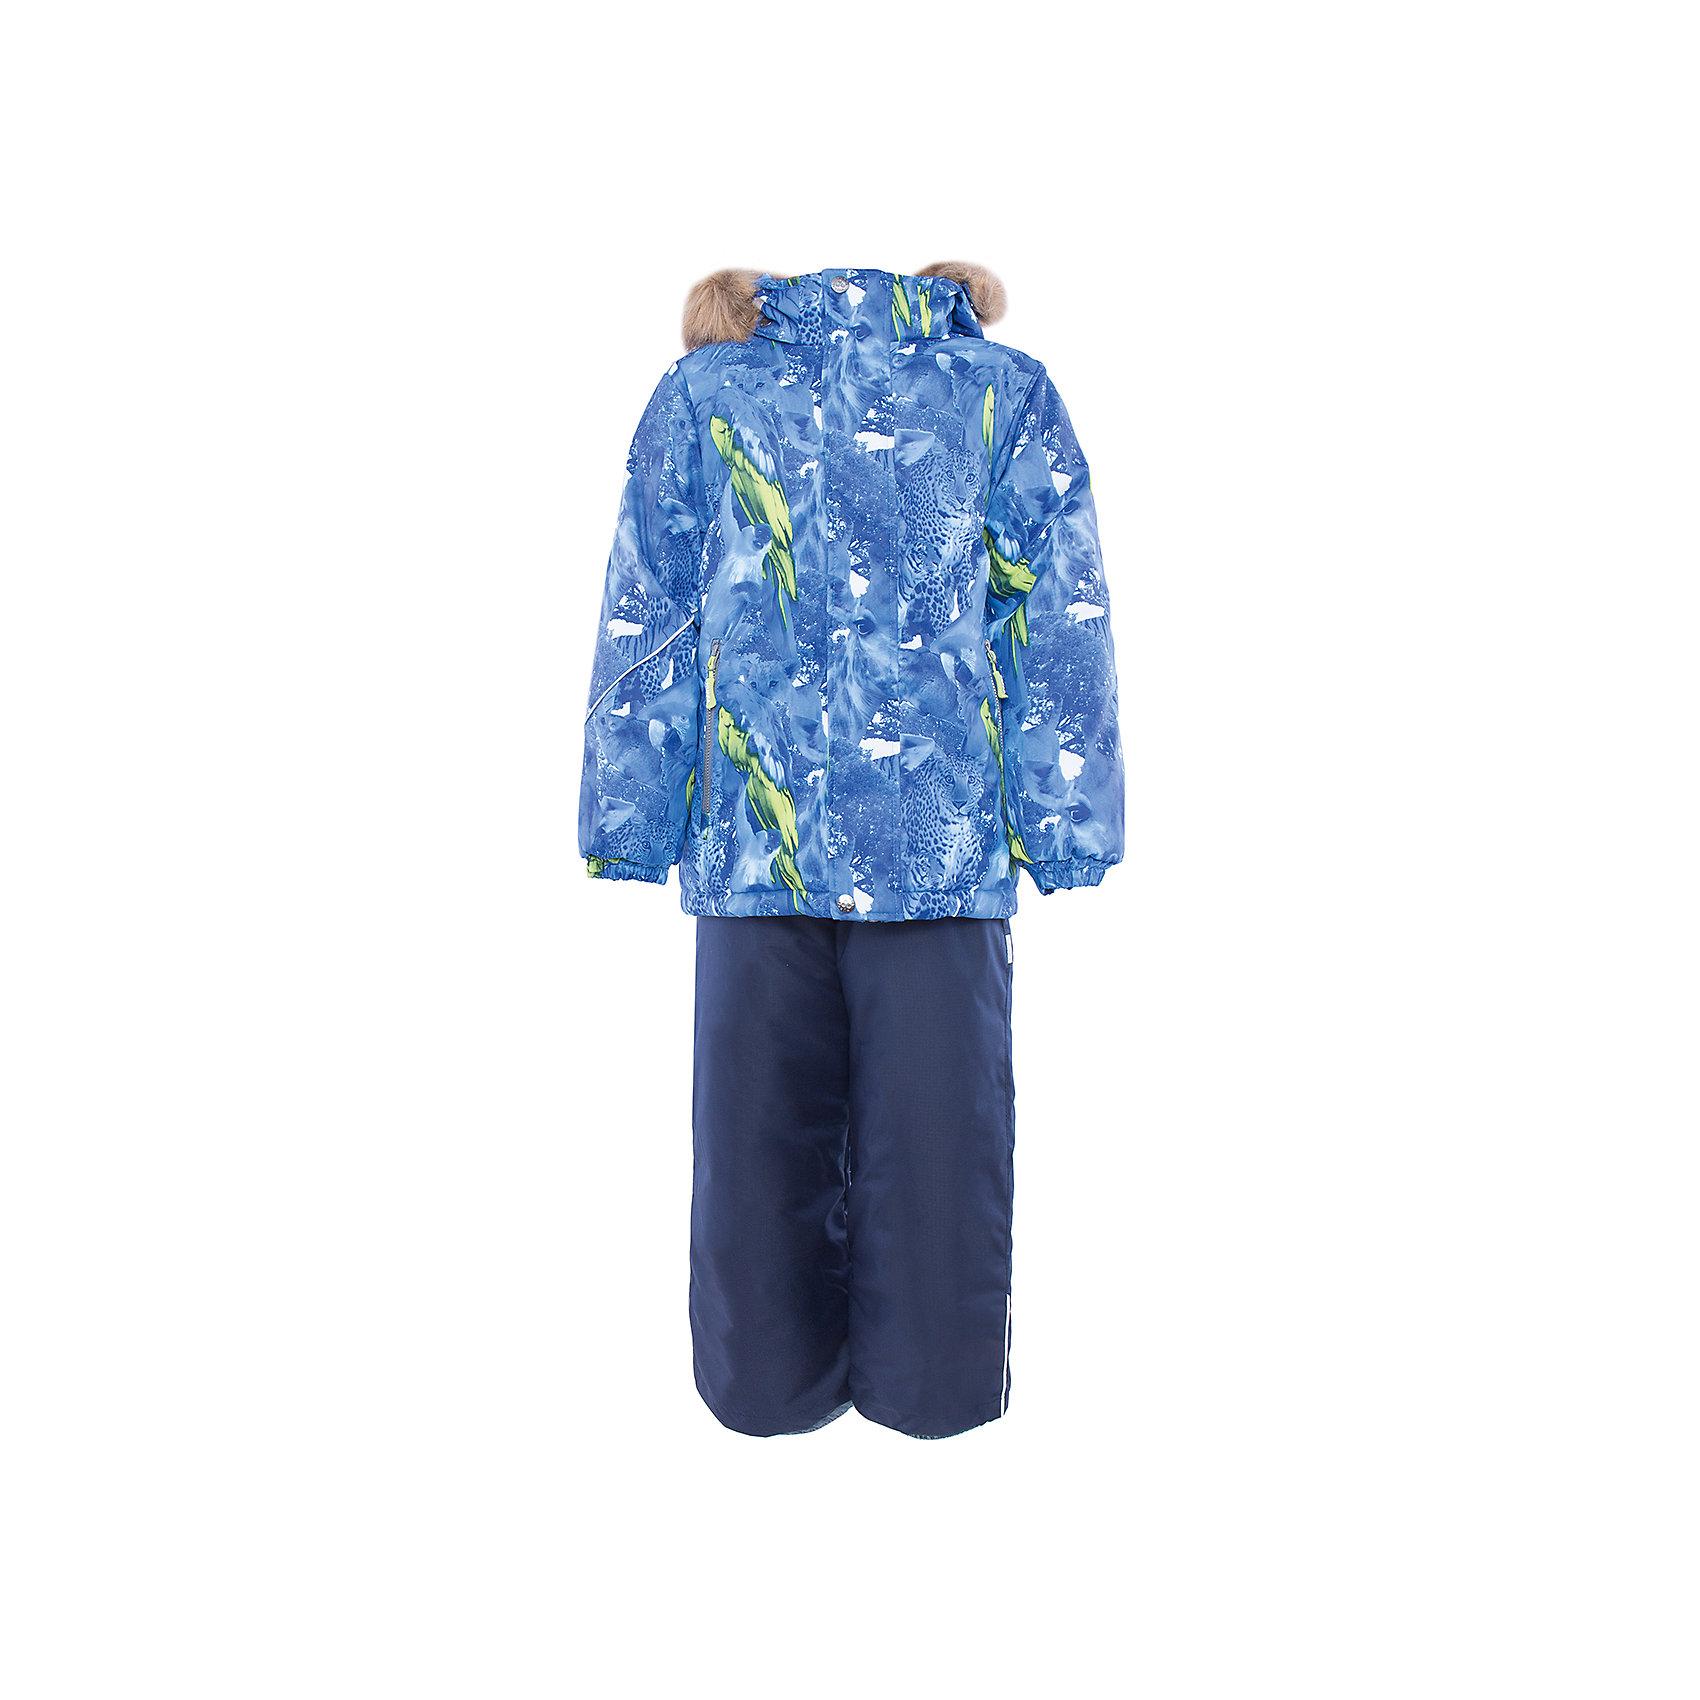 Комплект HuppaКомплект из куртки и полукомбинезона DANTE Huppa(Хуппа).<br><br>Утеплитель: 100% полиэстер. Куртка – 300 гр., полукомбинезон – 160 гр.<br><br>Температурный режим: до -30 градусов. Степень утепления – высокая. <br><br>* Температурный режим указан приблизительно — необходимо, прежде всего, ориентироваться на ощущения ребенка. Температурный режим работает в случае соблюдения правила многослойности – использования флисовой поддевы и термобелья.<br><br>Имеет яркую расцветку и придется по вкусу любому юному моднику. Комплект очень теплый и способен защитить вашего ребенка от мороза, ветра и перегрева даже при самых активных играх. Полукомбинезон с подтяжками и резинкой на поясе. Куртка имеет капюшон с искусственным мехом и резинки на манжетах<br><br>Особенности:<br>-дышащий и водонепроницаемый<br>-водостойкая лента на швах<br>-прочные материалы<br>-светоотражающие элементы<br>-съемный капюшон с отстегивающимся мехом<br>-плечевые швы, шаговый шов, боковые швы проклеены<br><br>Дополнительная информация:<br>Материал: 100% полиэстер<br>Подкладка: тафта, флис, pritex - 100% полиэстер<br>Цвет: синий/темно-синий<br><br>Вы можете приобрести комплект DANTE Huppa(Хуппа) в нашем интернет-магазине.<br><br>Ширина мм: 356<br>Глубина мм: 10<br>Высота мм: 245<br>Вес г: 519<br>Цвет: синий<br>Возраст от месяцев: 36<br>Возраст до месяцев: 48<br>Пол: Унисекс<br>Возраст: Детский<br>Размер: 104,146,122,116,110,140,134,128<br>SKU: 4928843